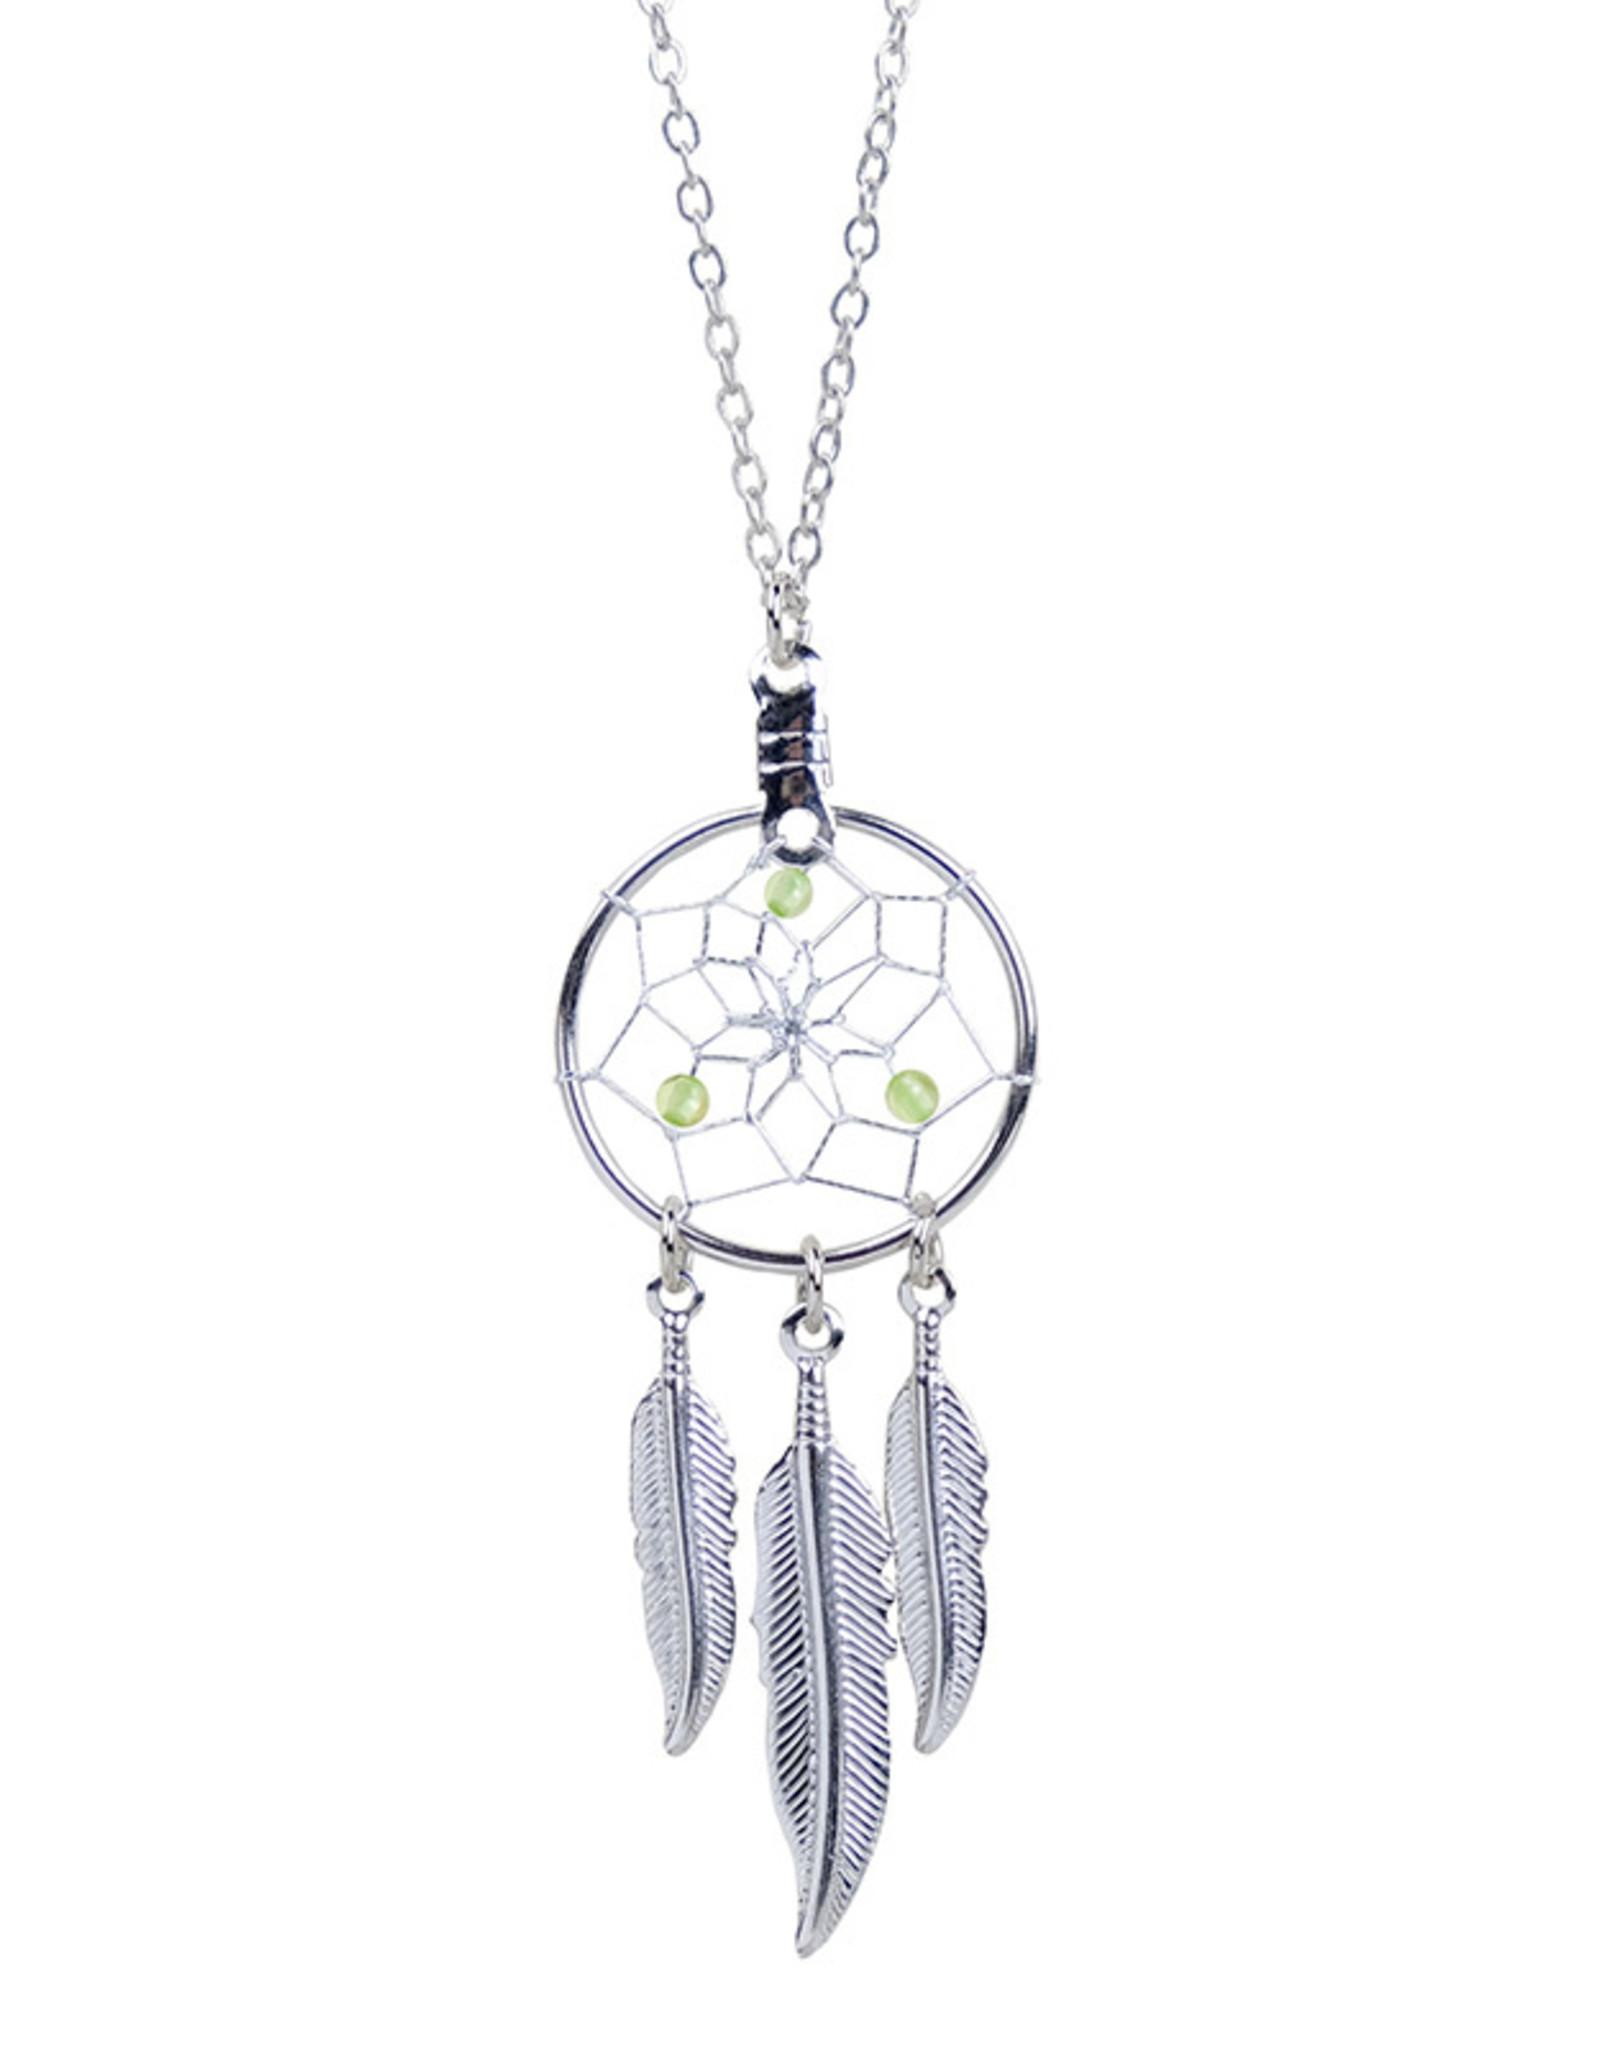 Birthstone Dreamcatcher Necklace - DC17-P